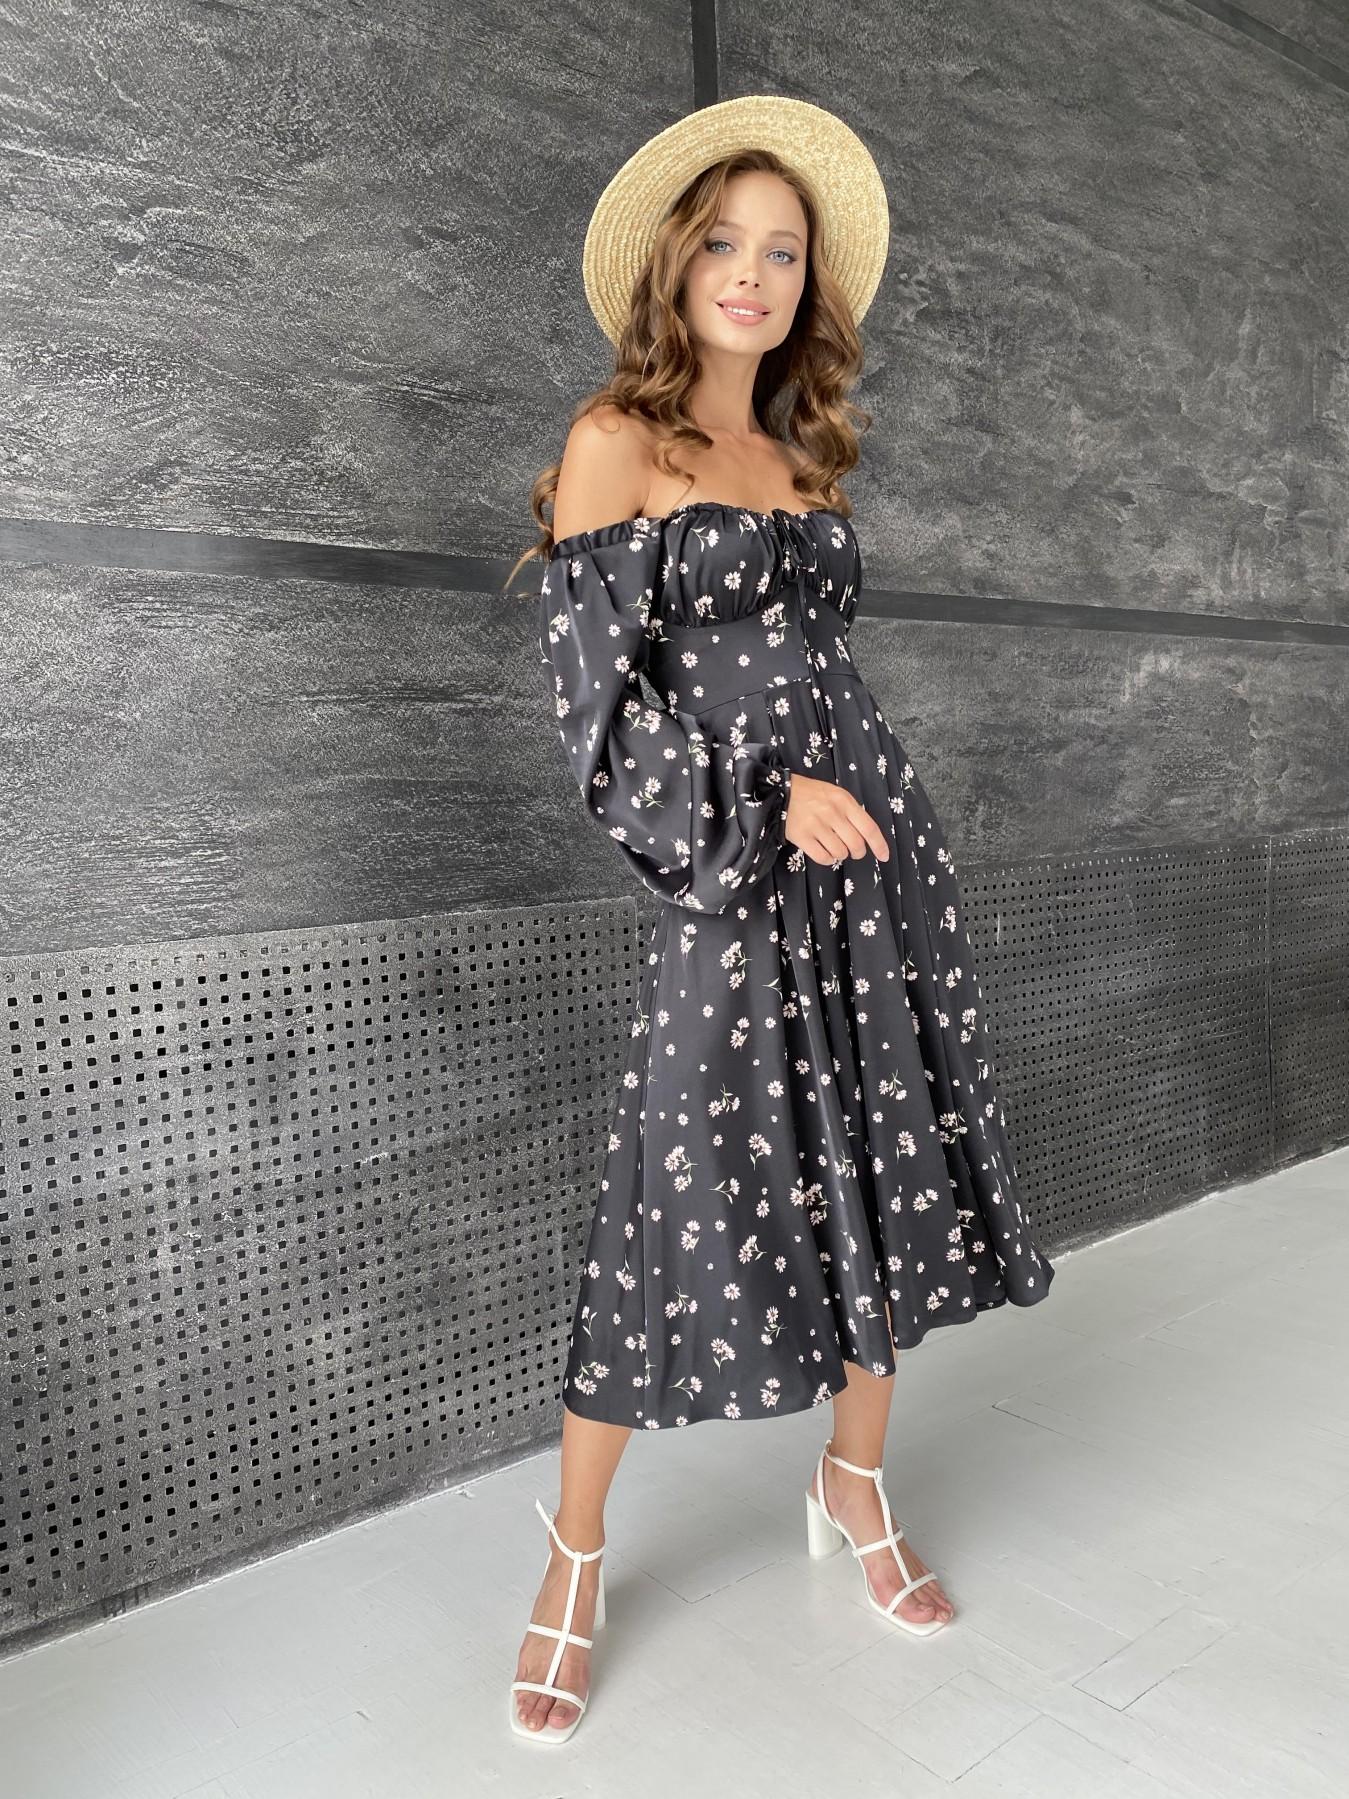 Кисес платье миди д/р шелк принт 11722 АРТ. 48418 Цвет: Черный/пудра/хризантема - фото 6, интернет магазин tm-modus.ru